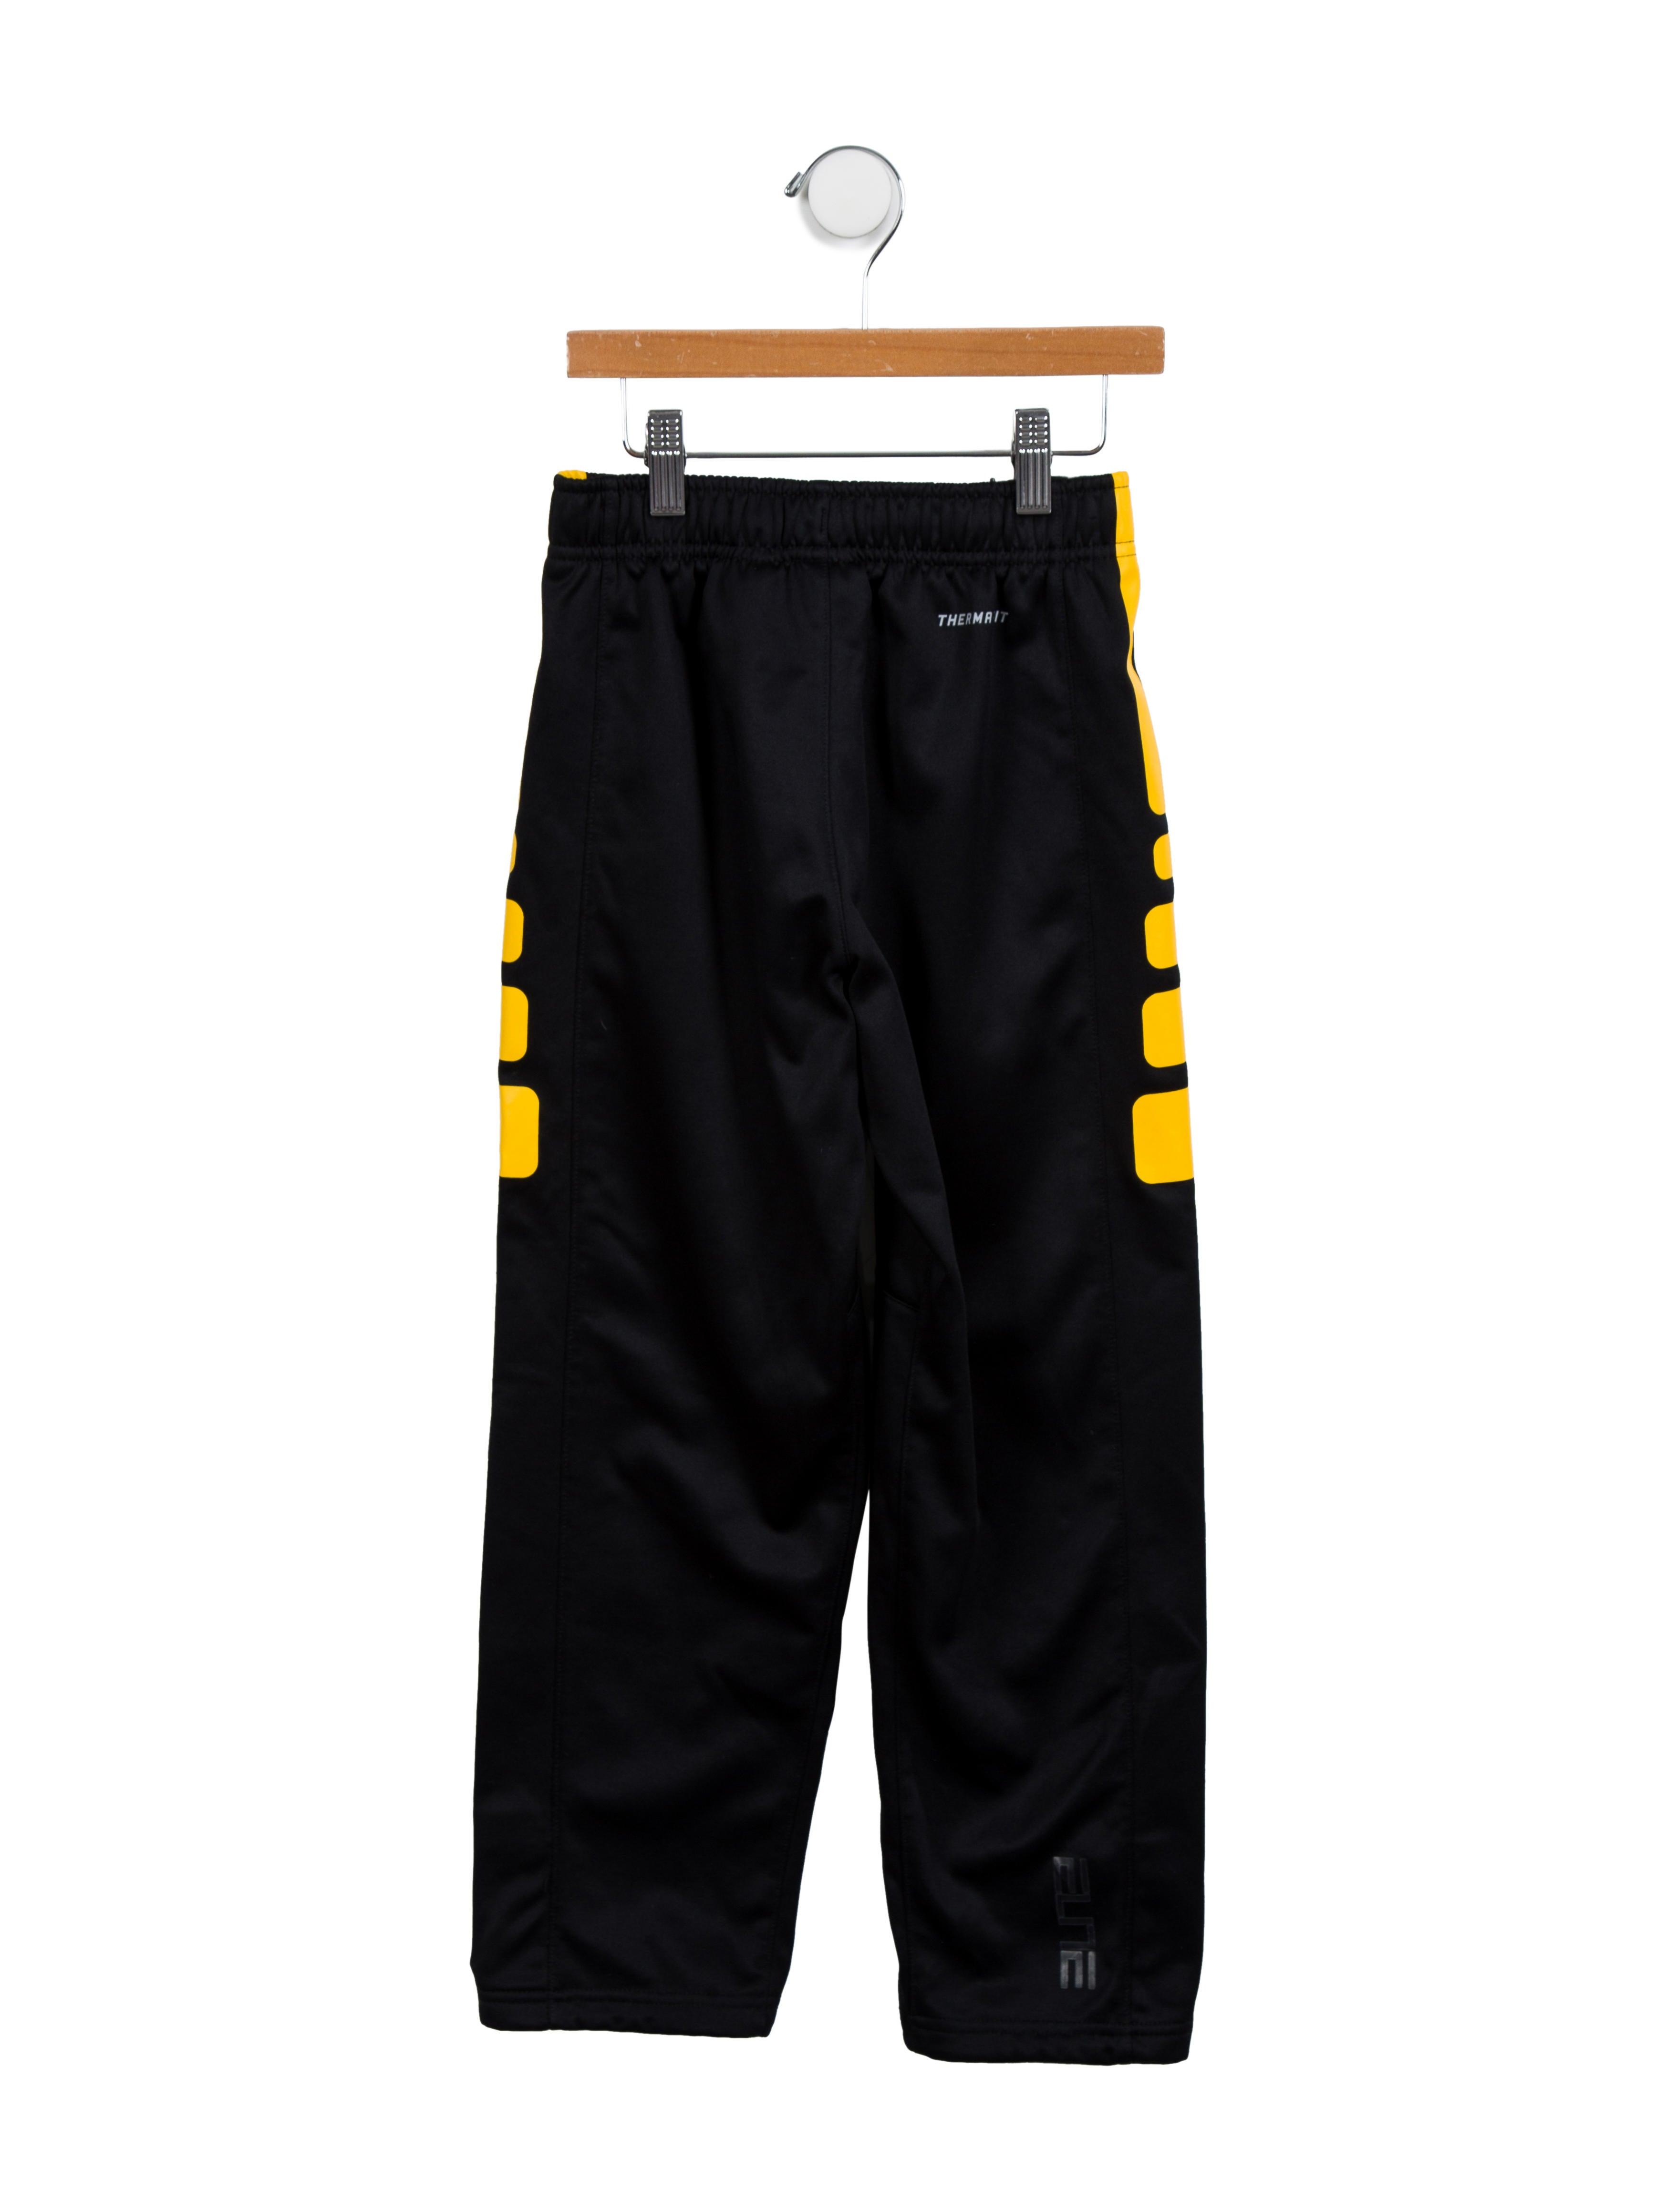 Nike Boysu0026#39; Two-Tone Track Pants - Boys - WU221425 | The RealReal